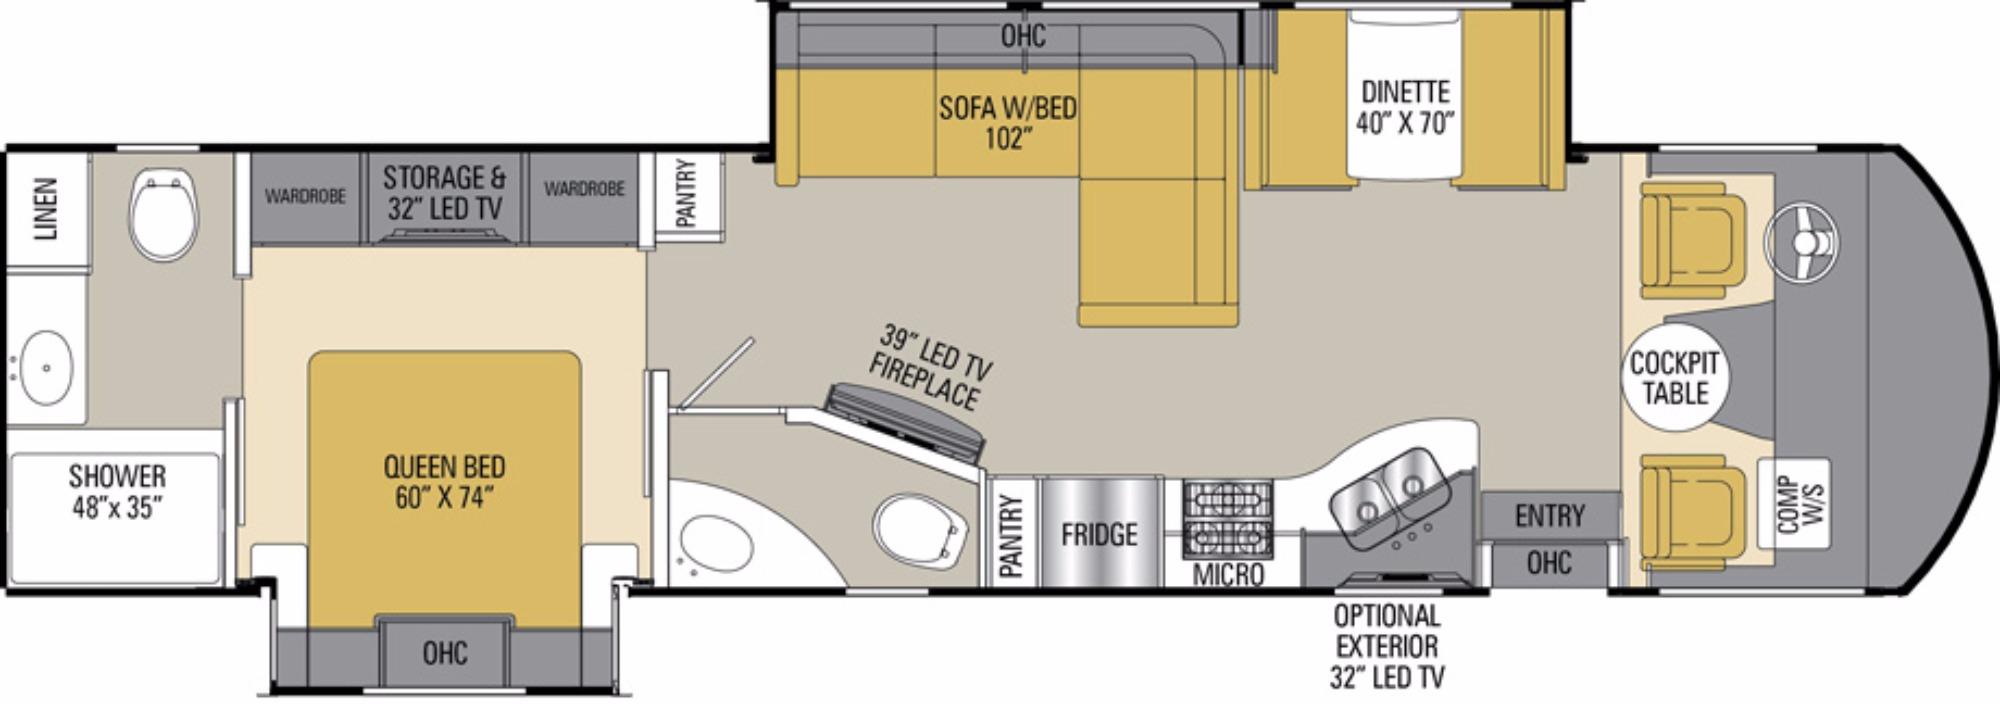 View Floor Plan for 2017 COACHMEN MIRADA 35LS